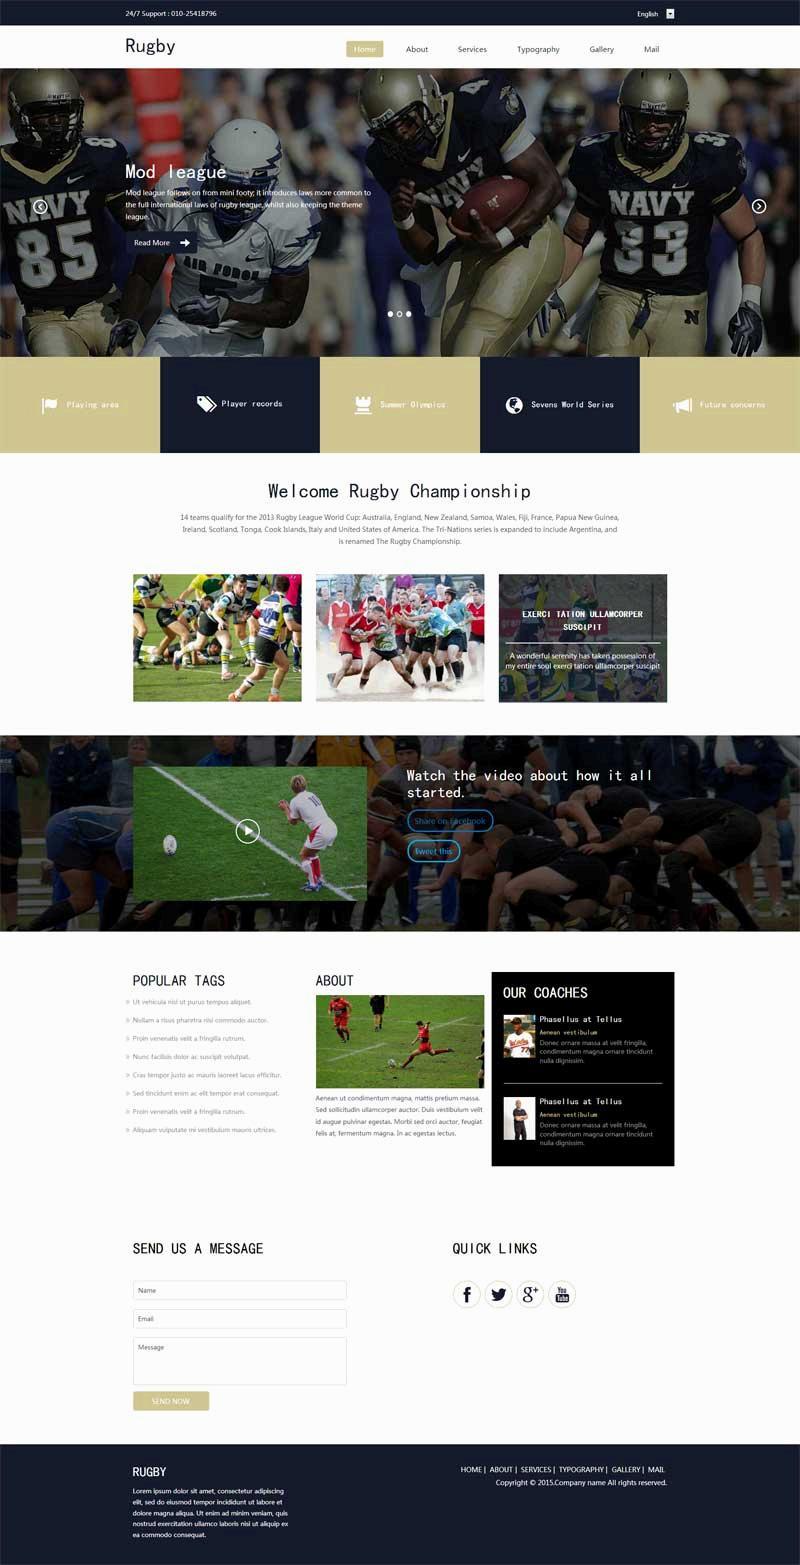 实用的橄榄球运动比赛网站模板